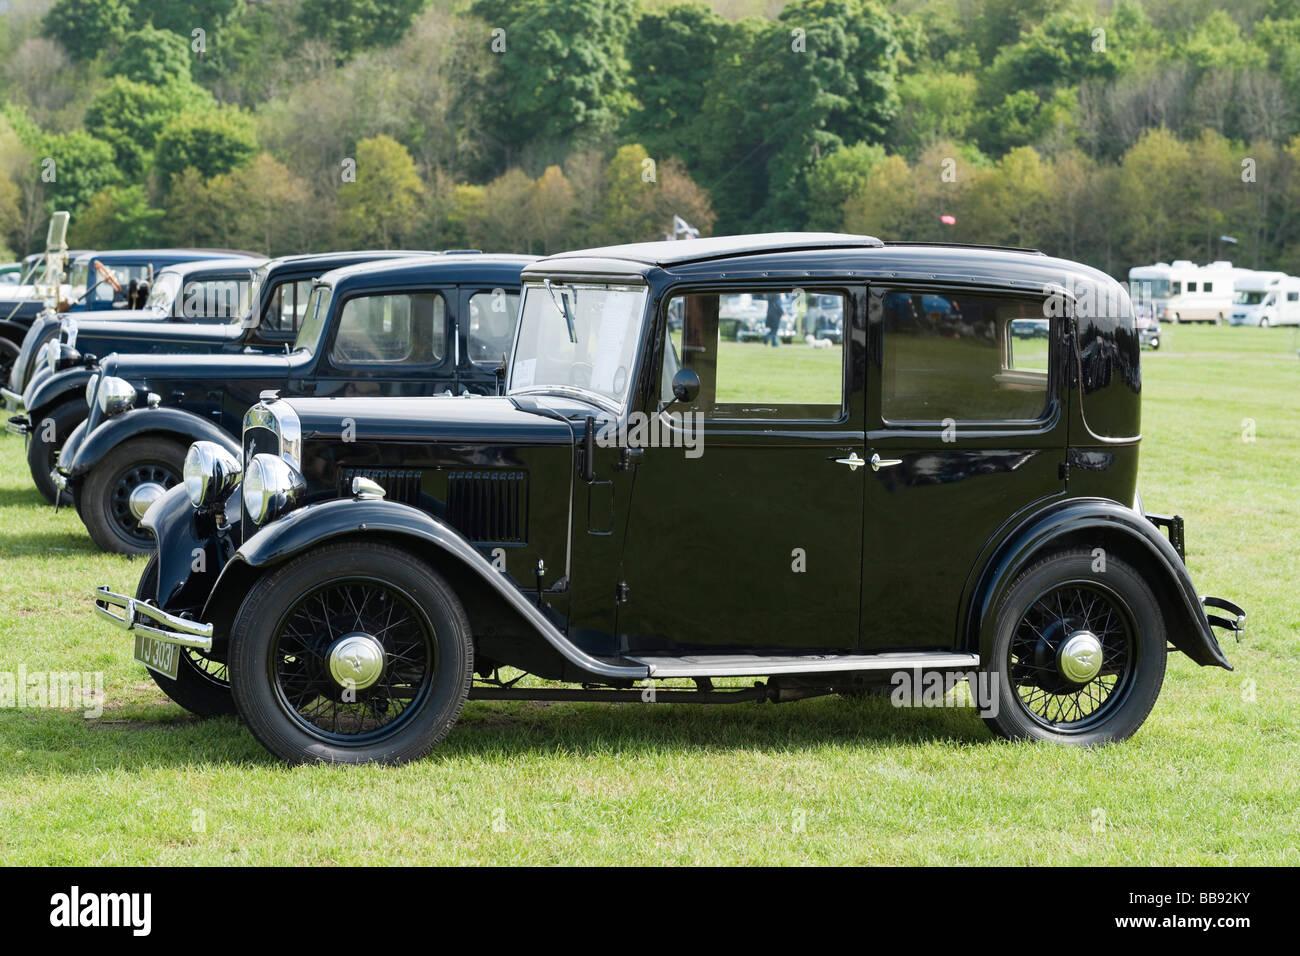 Vintage Austin Car Stock Photos & Vintage Austin Car Stock Images ...